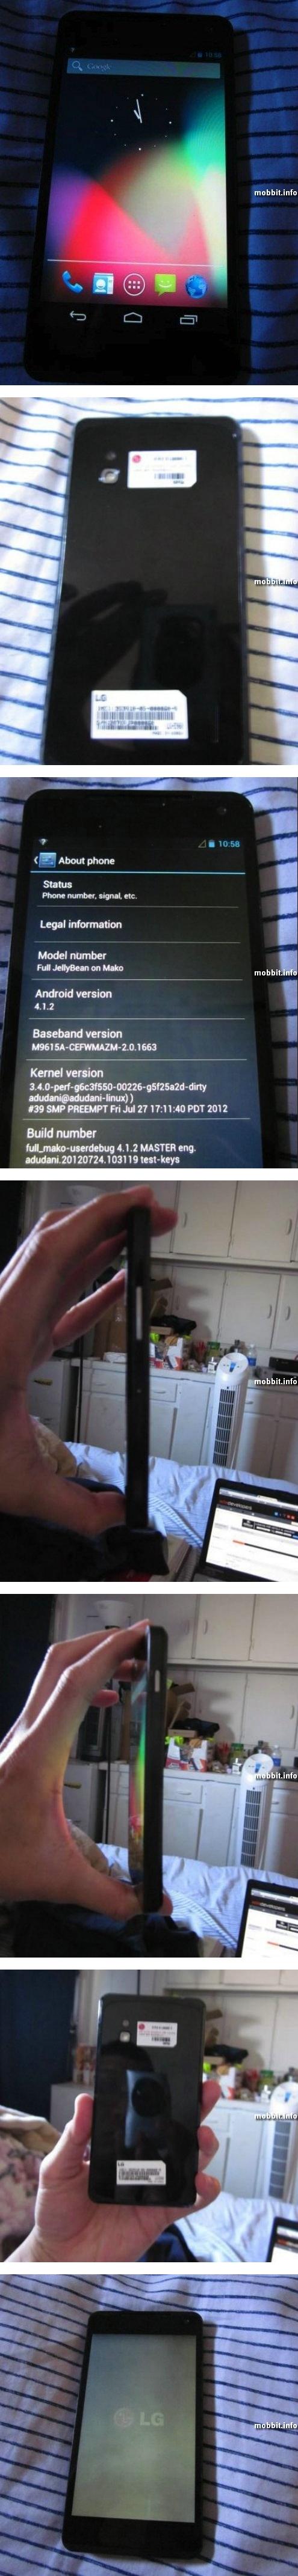 LG E960 Mako